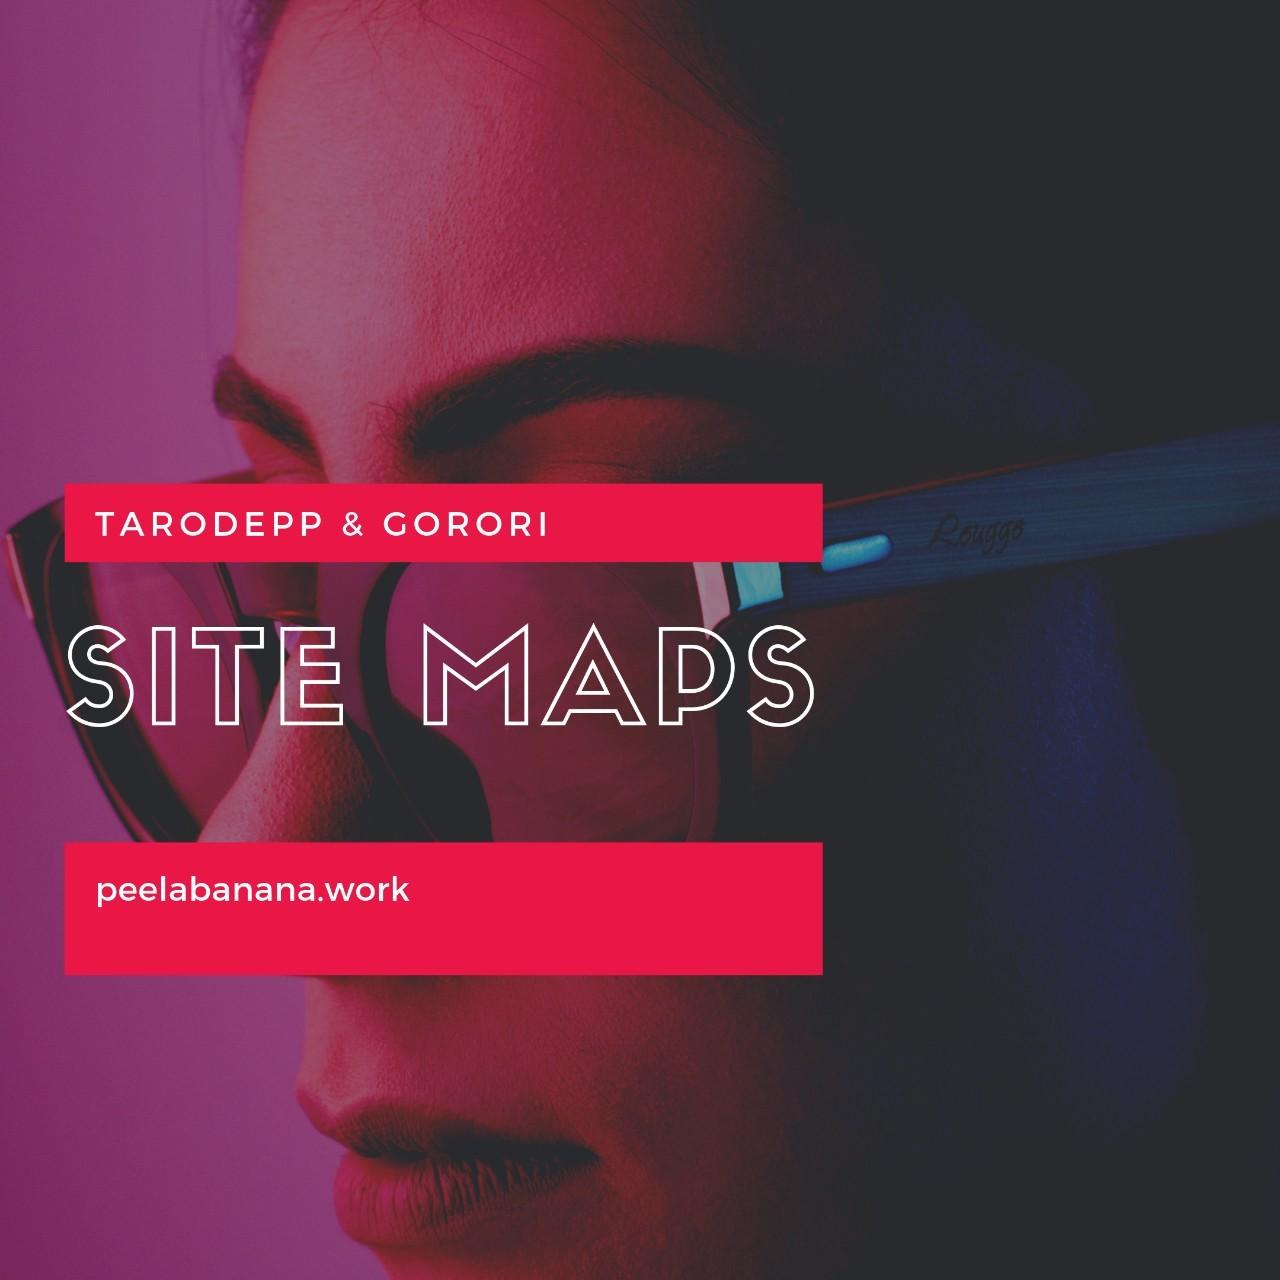 sitemaps サイトマップ